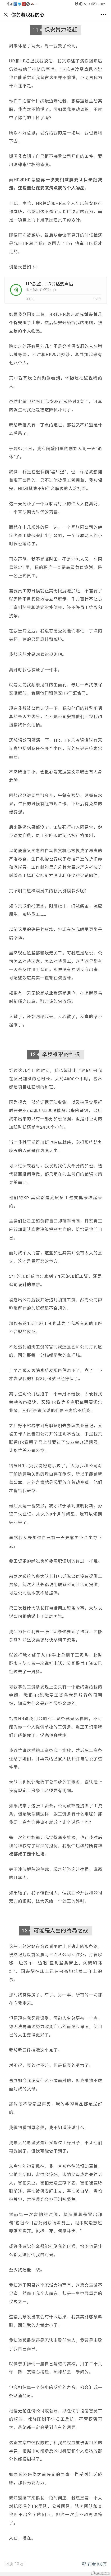 九五至尊赌场官方网址 - 6.79亿元拍得1.8亿股股权 上海臻禧上位*ST云网